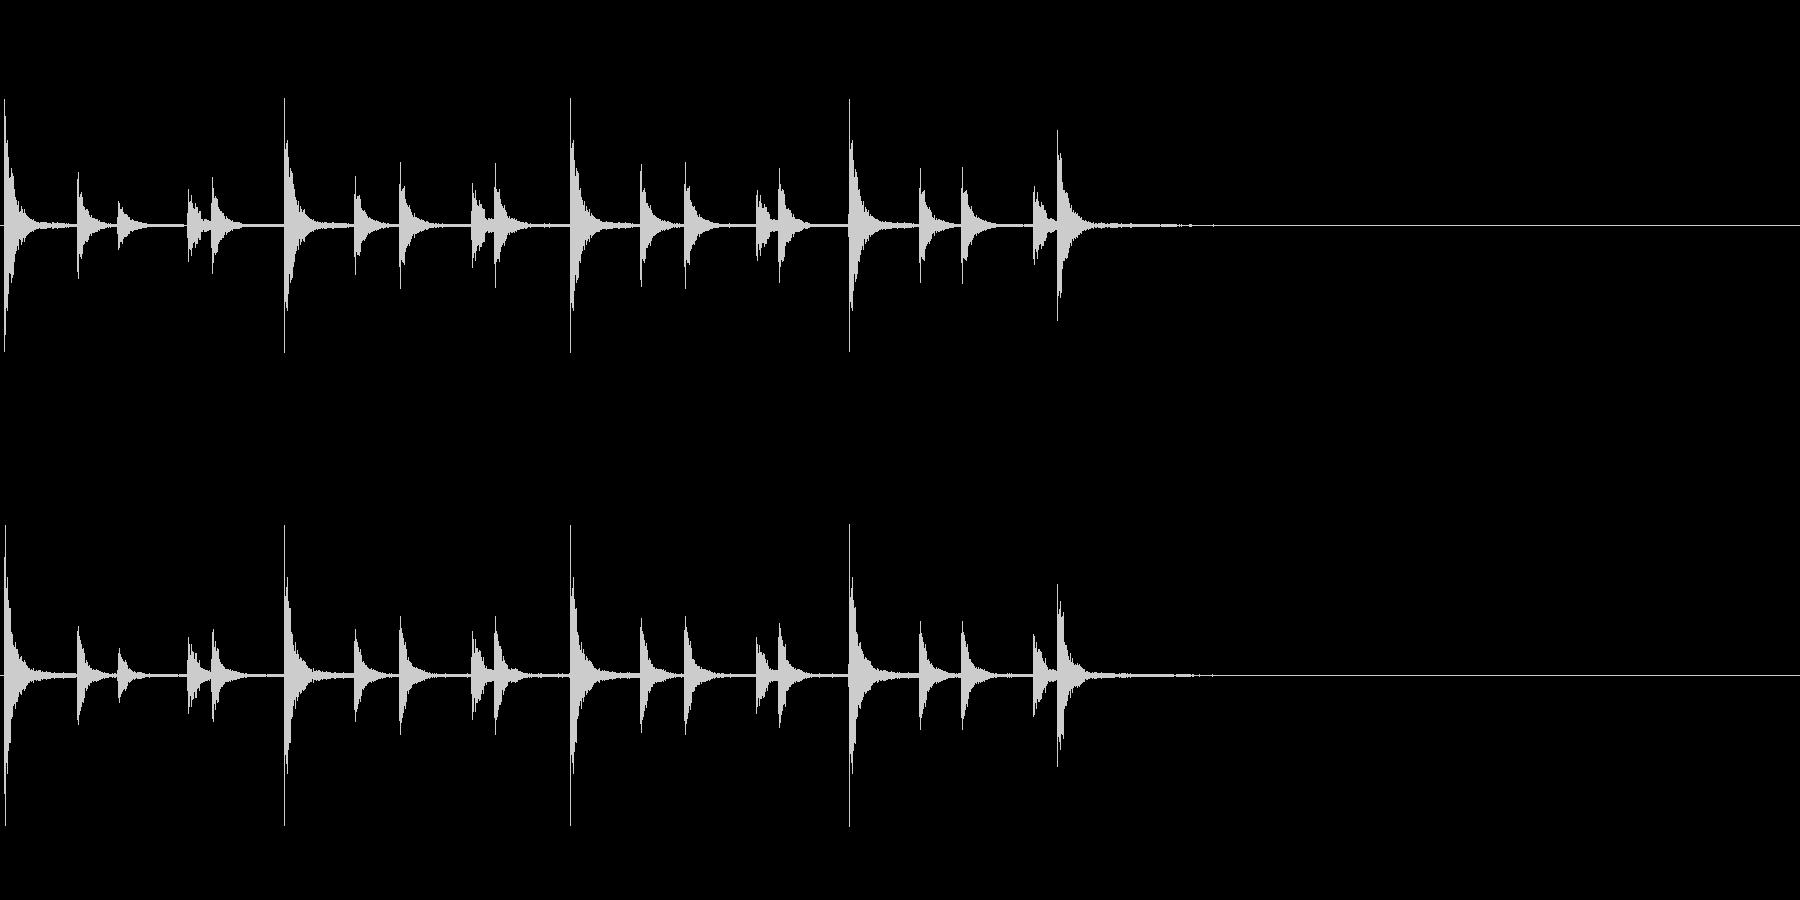 相撲の触れ太鼓「大拍子」フレーズ音1FXの未再生の波形